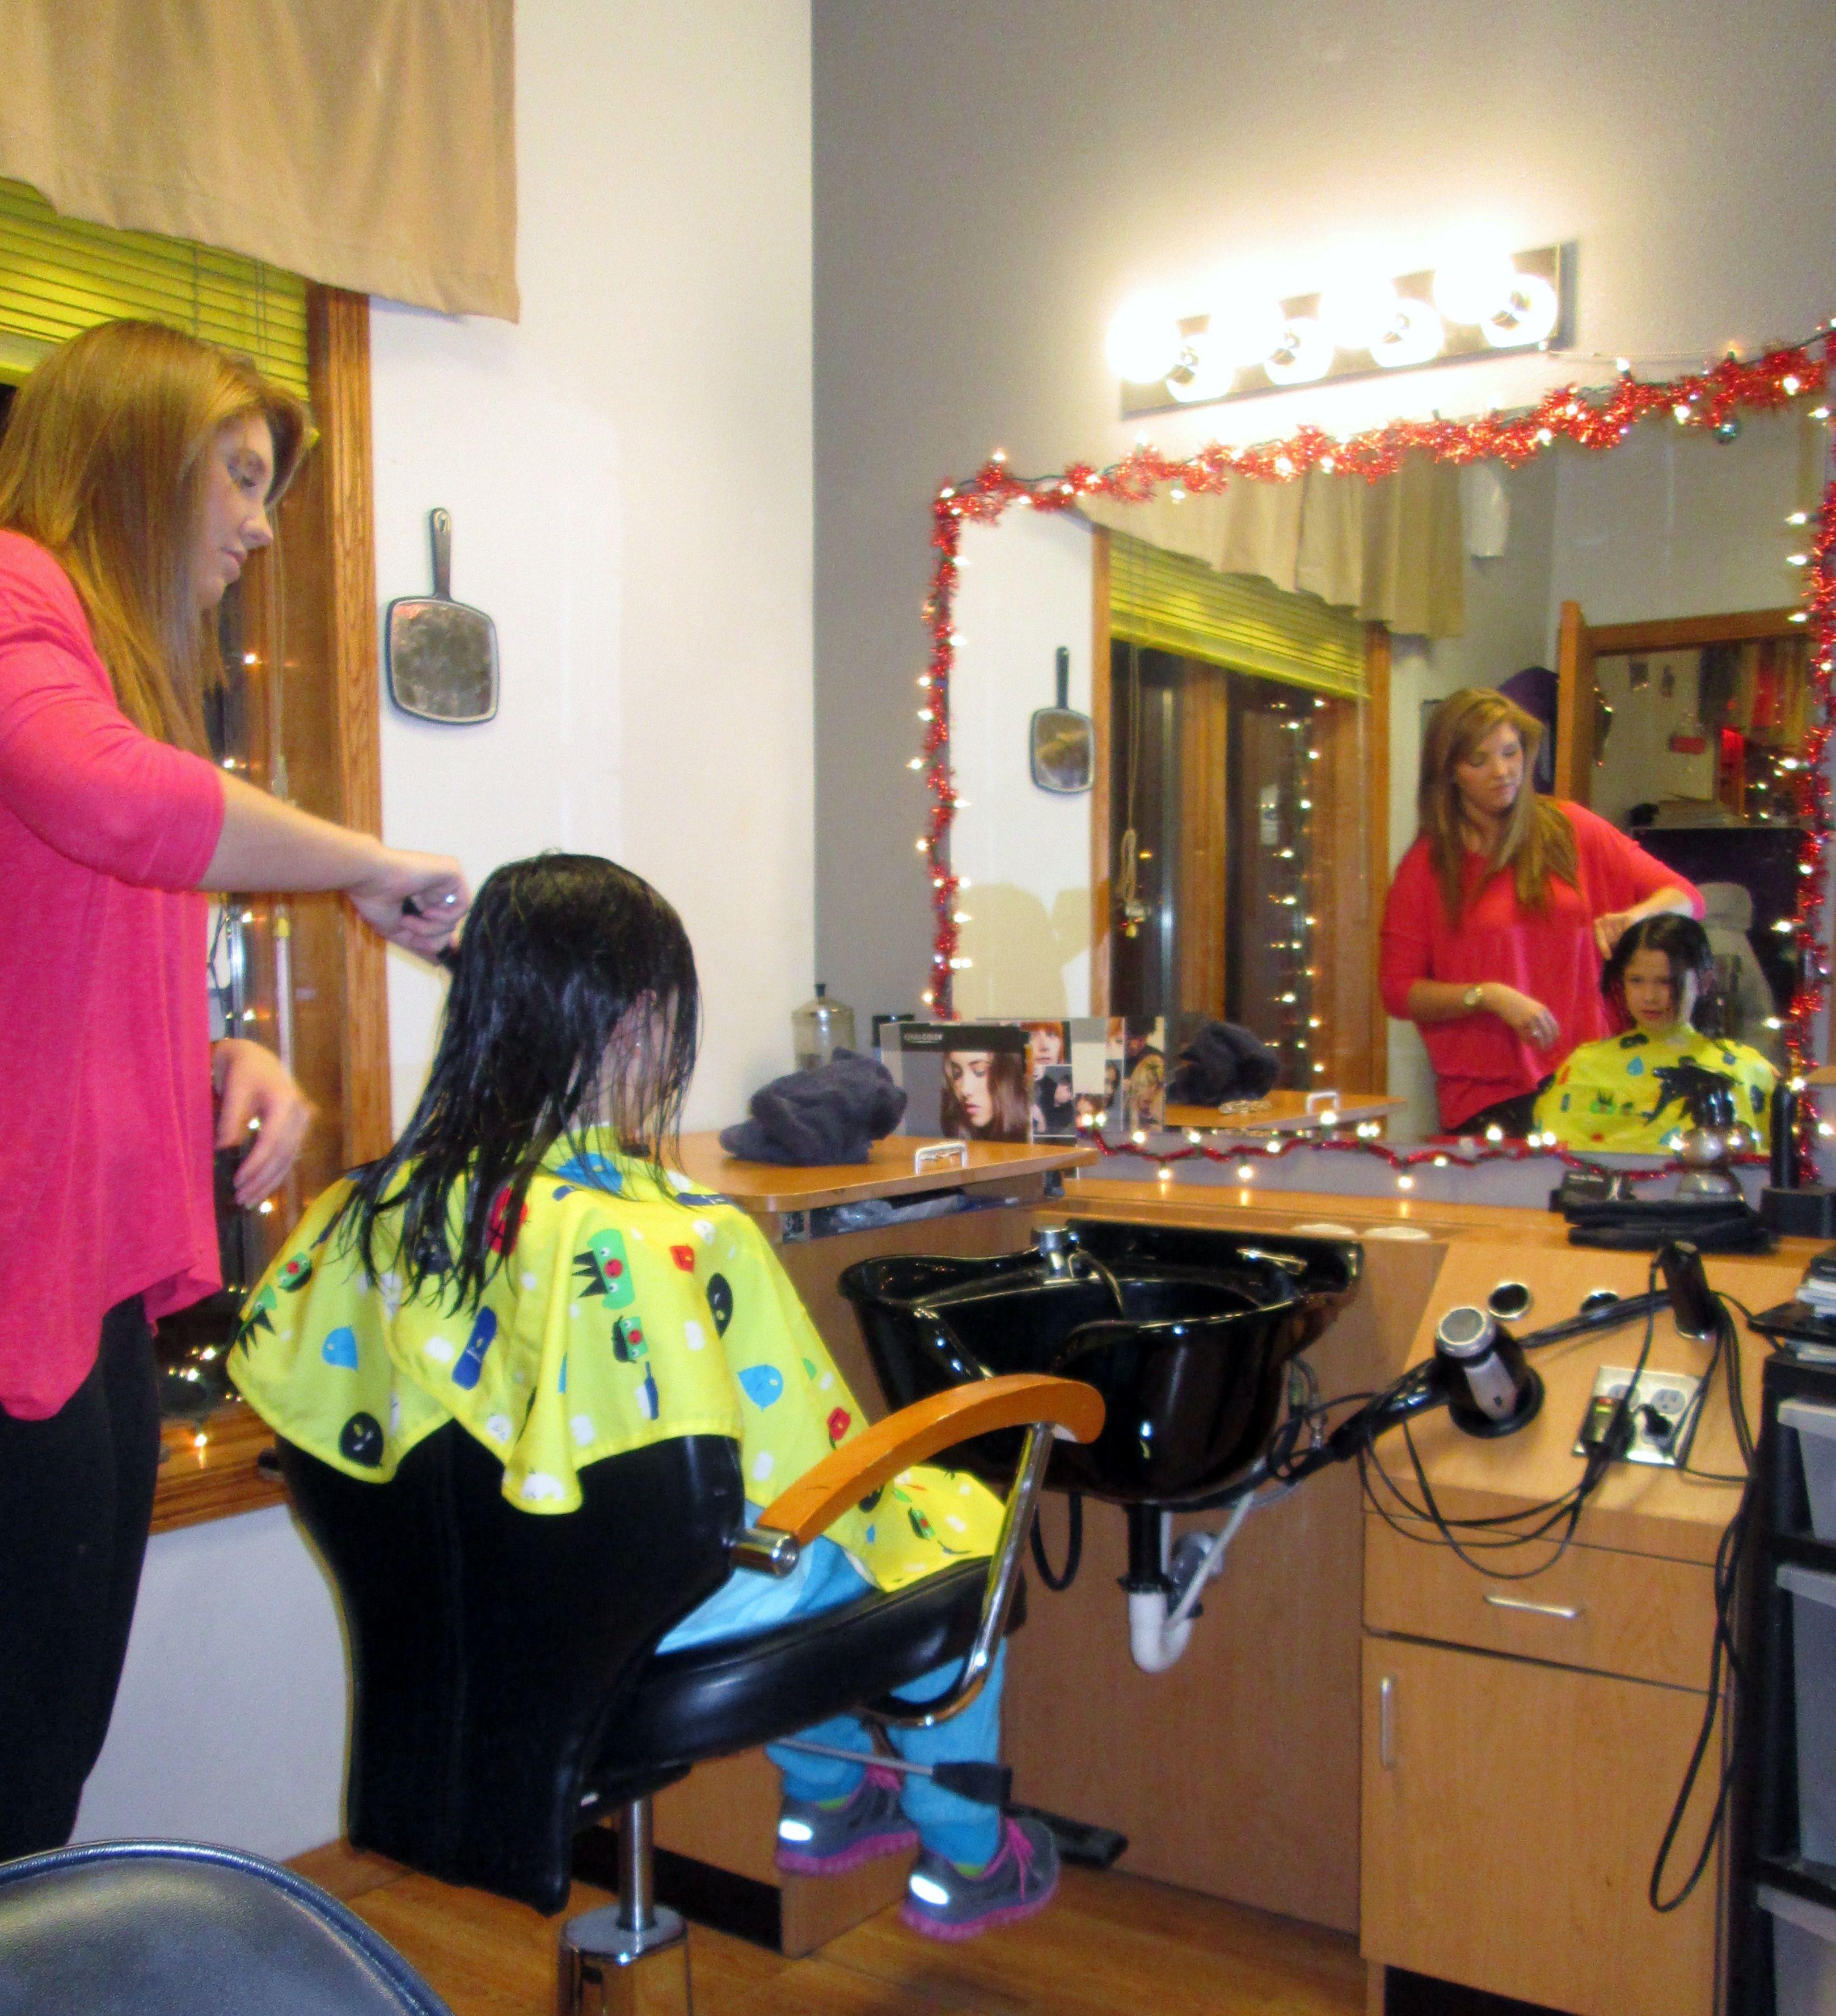 Ladies haircut in barbershop